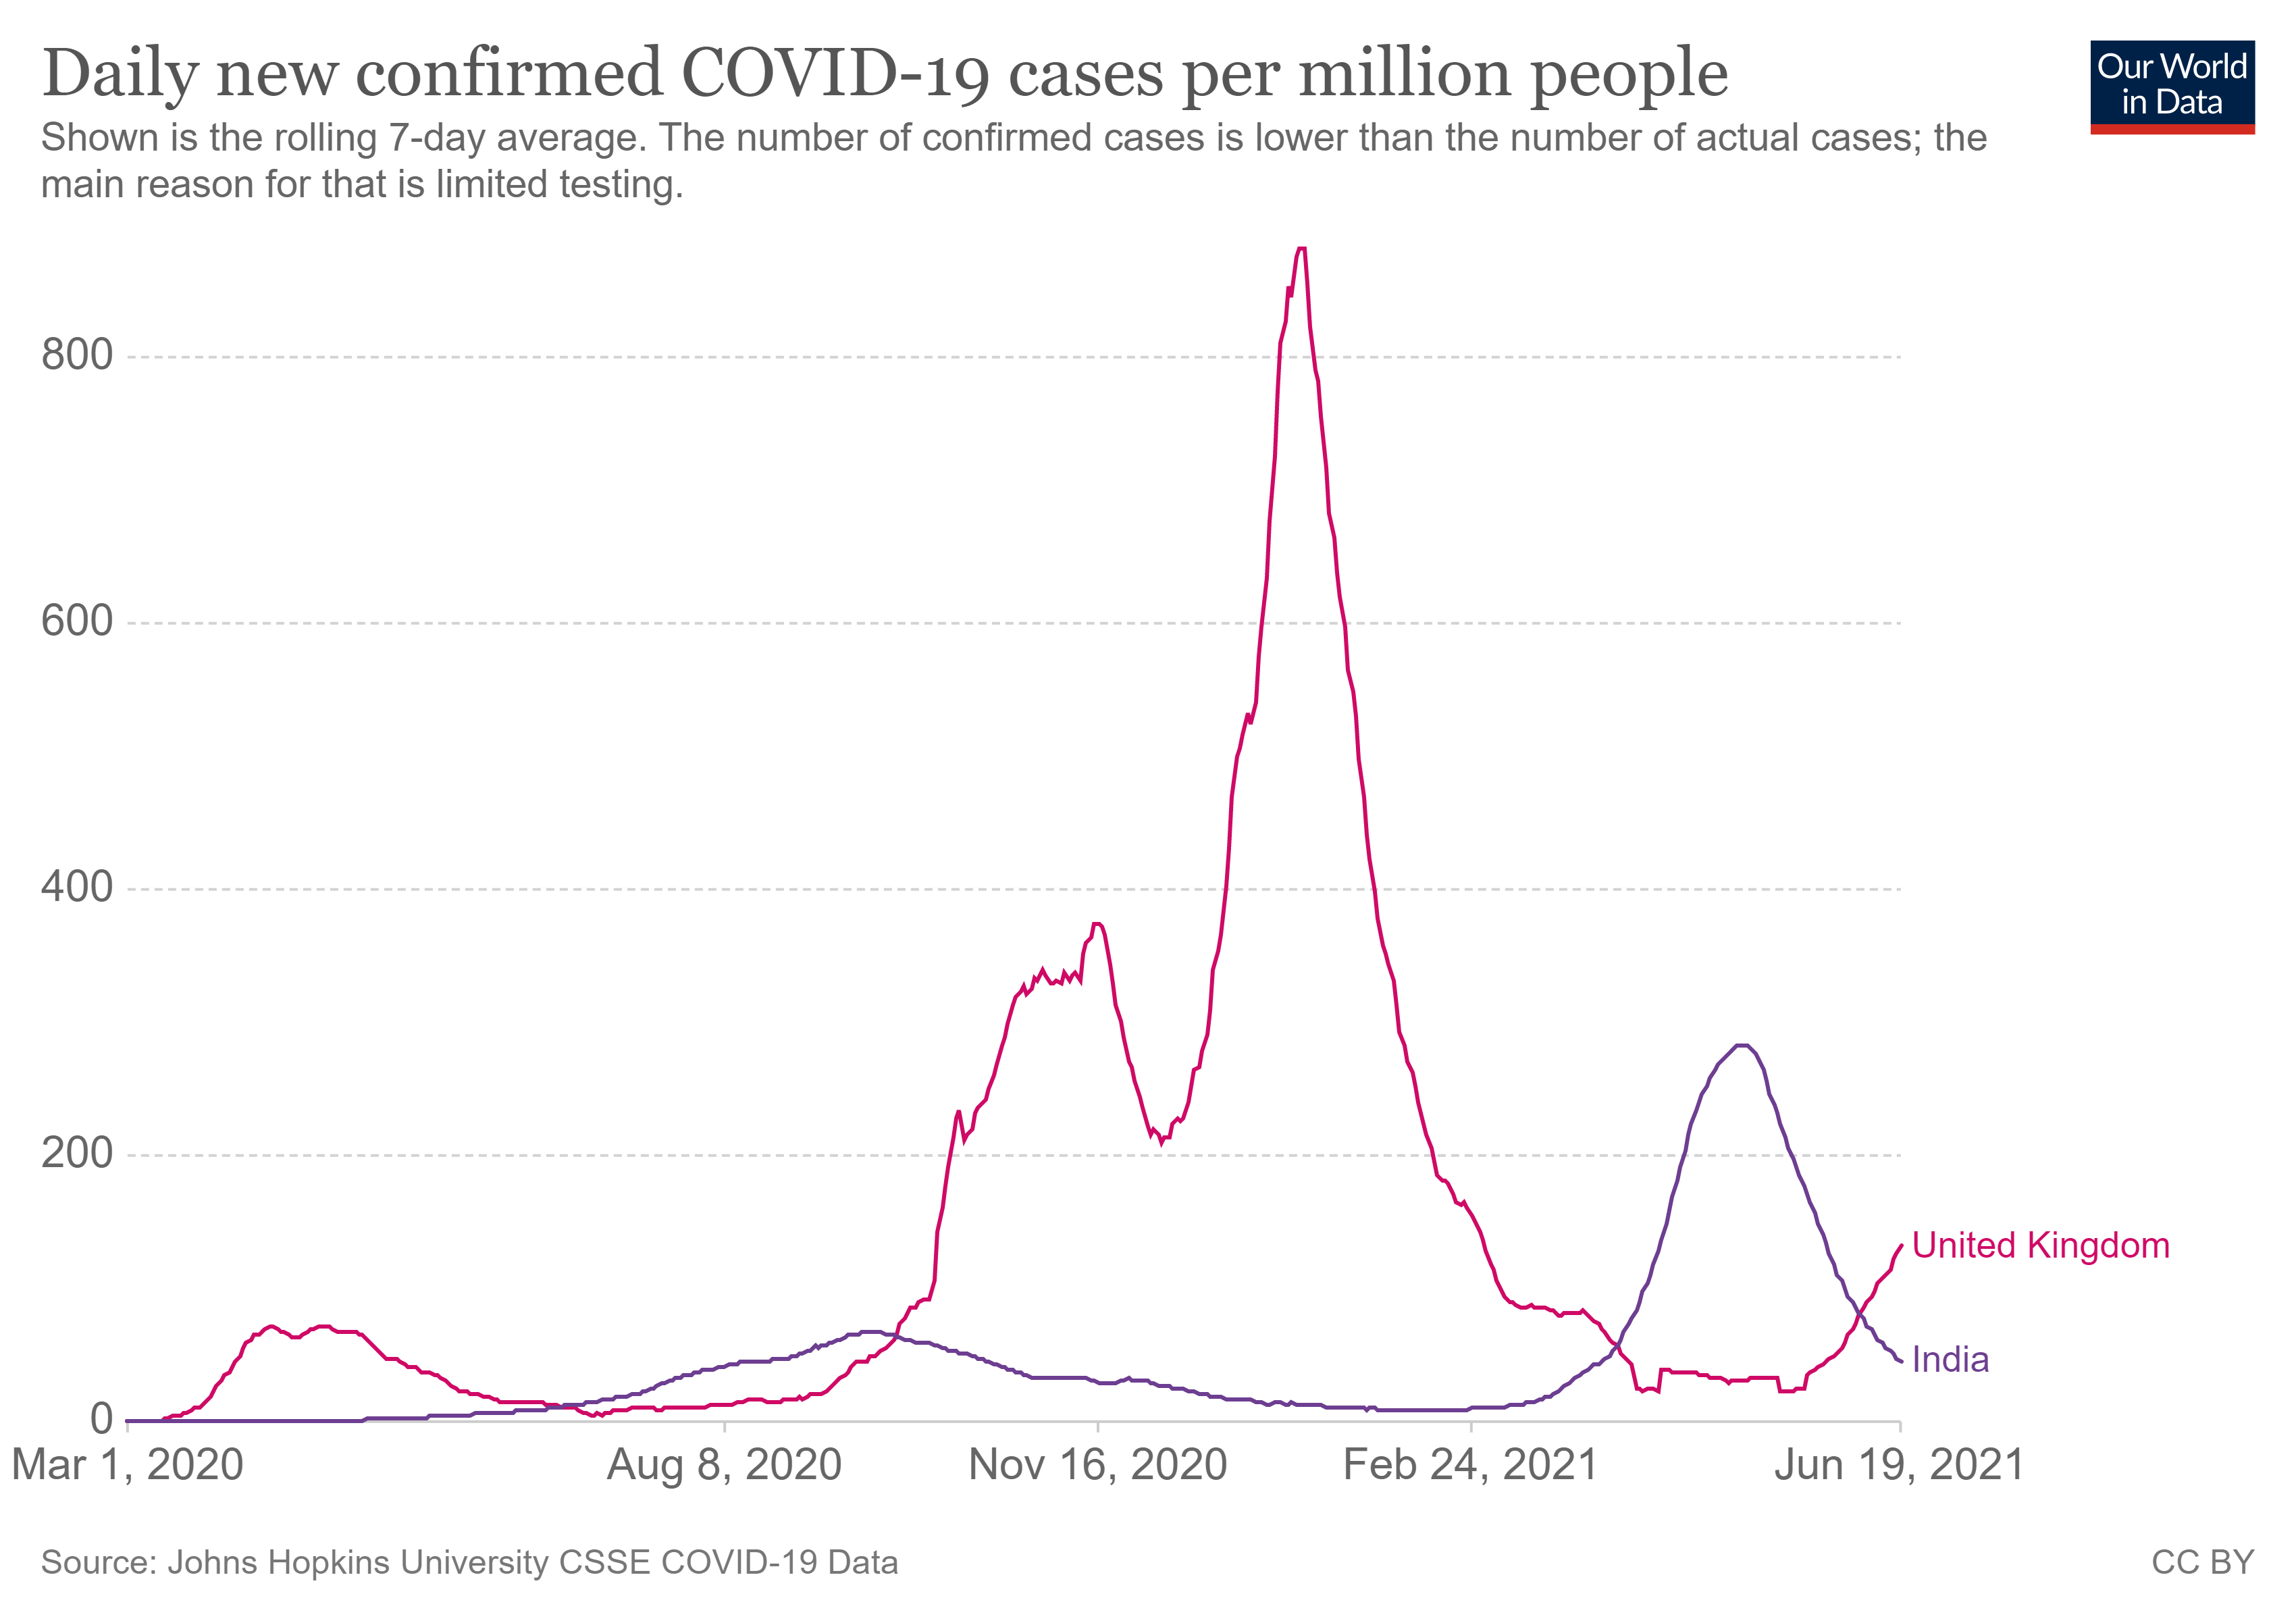 coronavirus-data-explorer (6).png